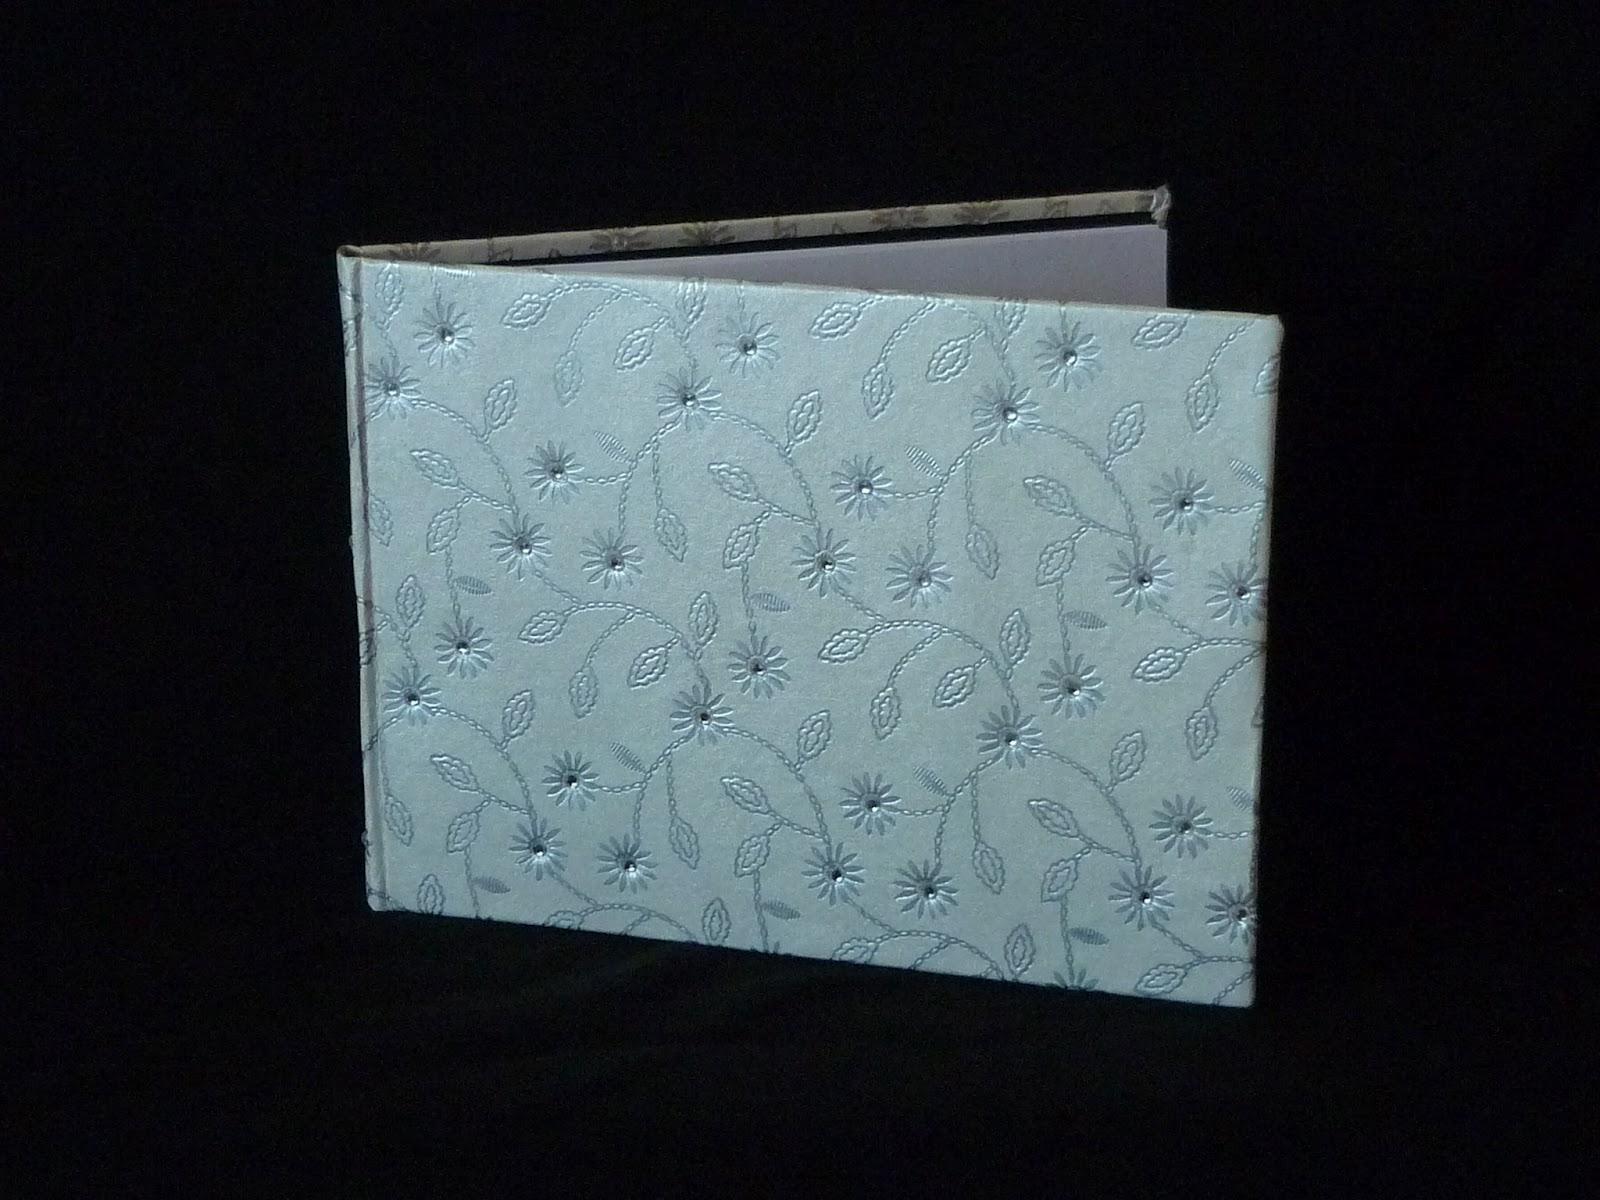 Artesan as leomar cuadernos de papel y tela 5 - Papel y telas ...